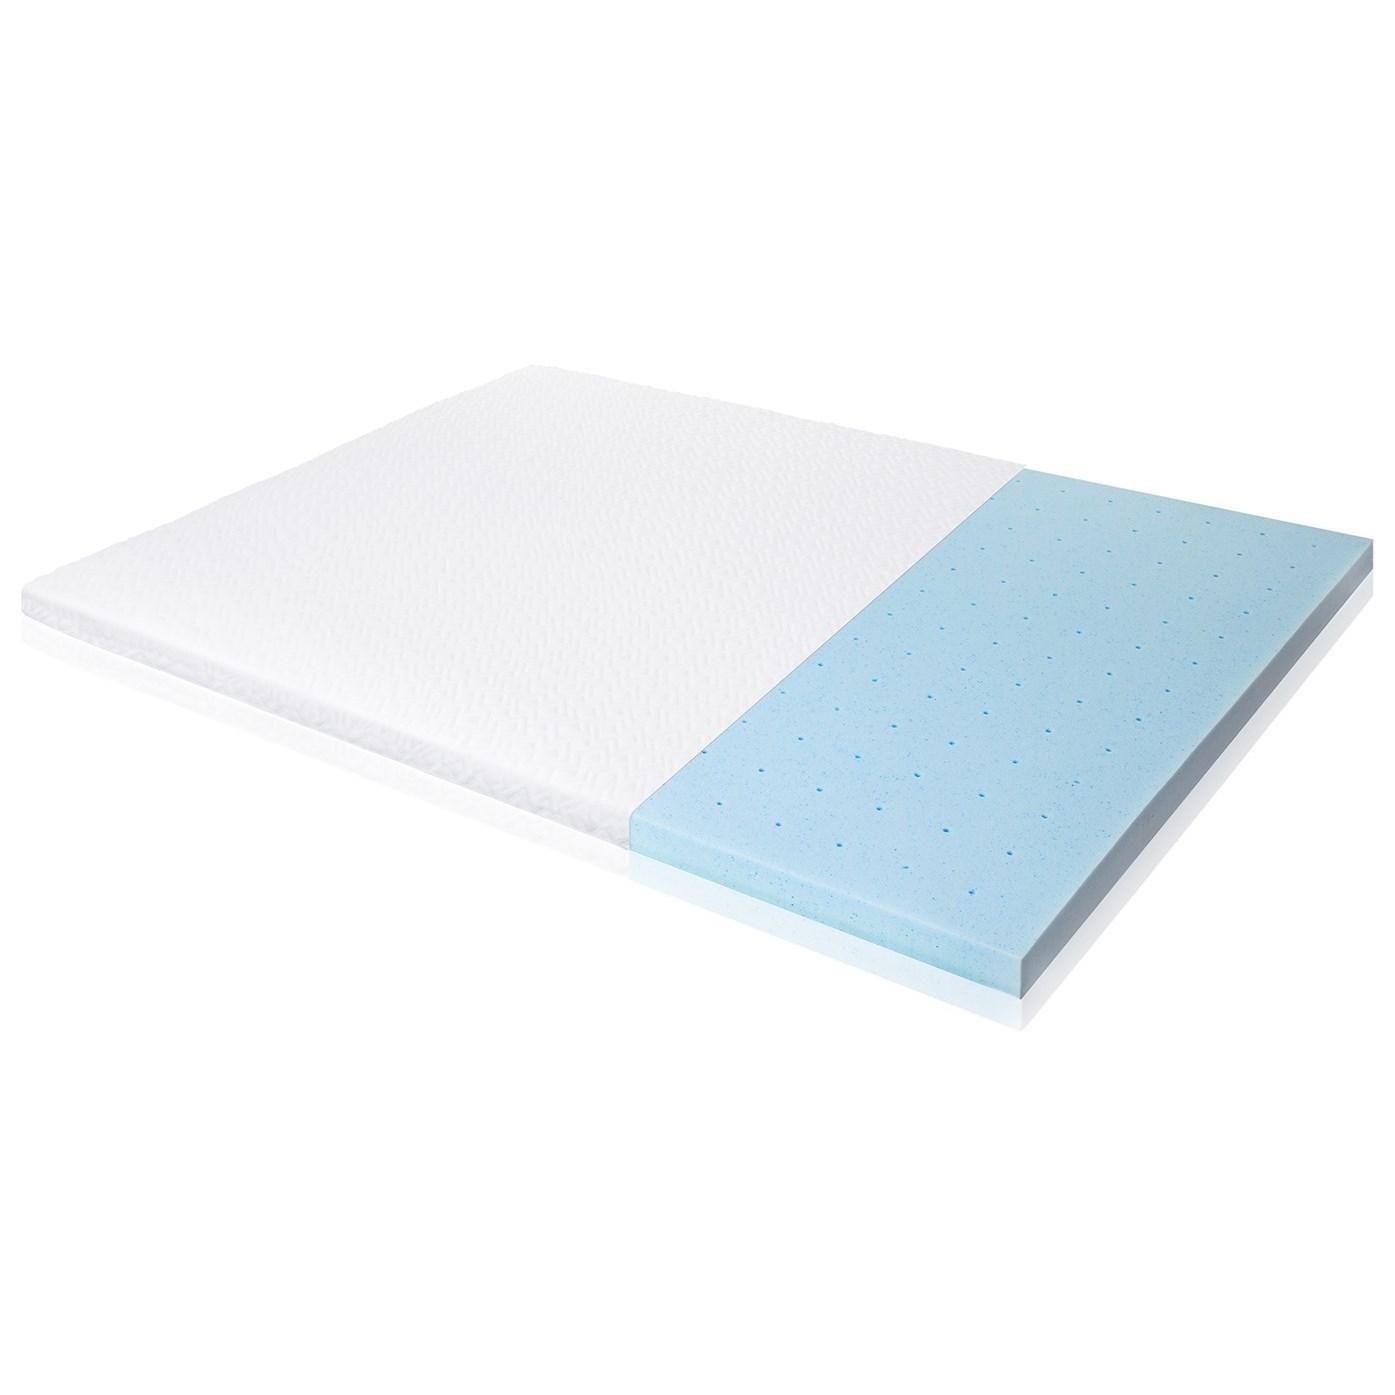 """Malouf Gel Memory Foam C King 2.5"""" Gel Memory Foam Mattress Topper - Item Number: IS25CK45GT"""